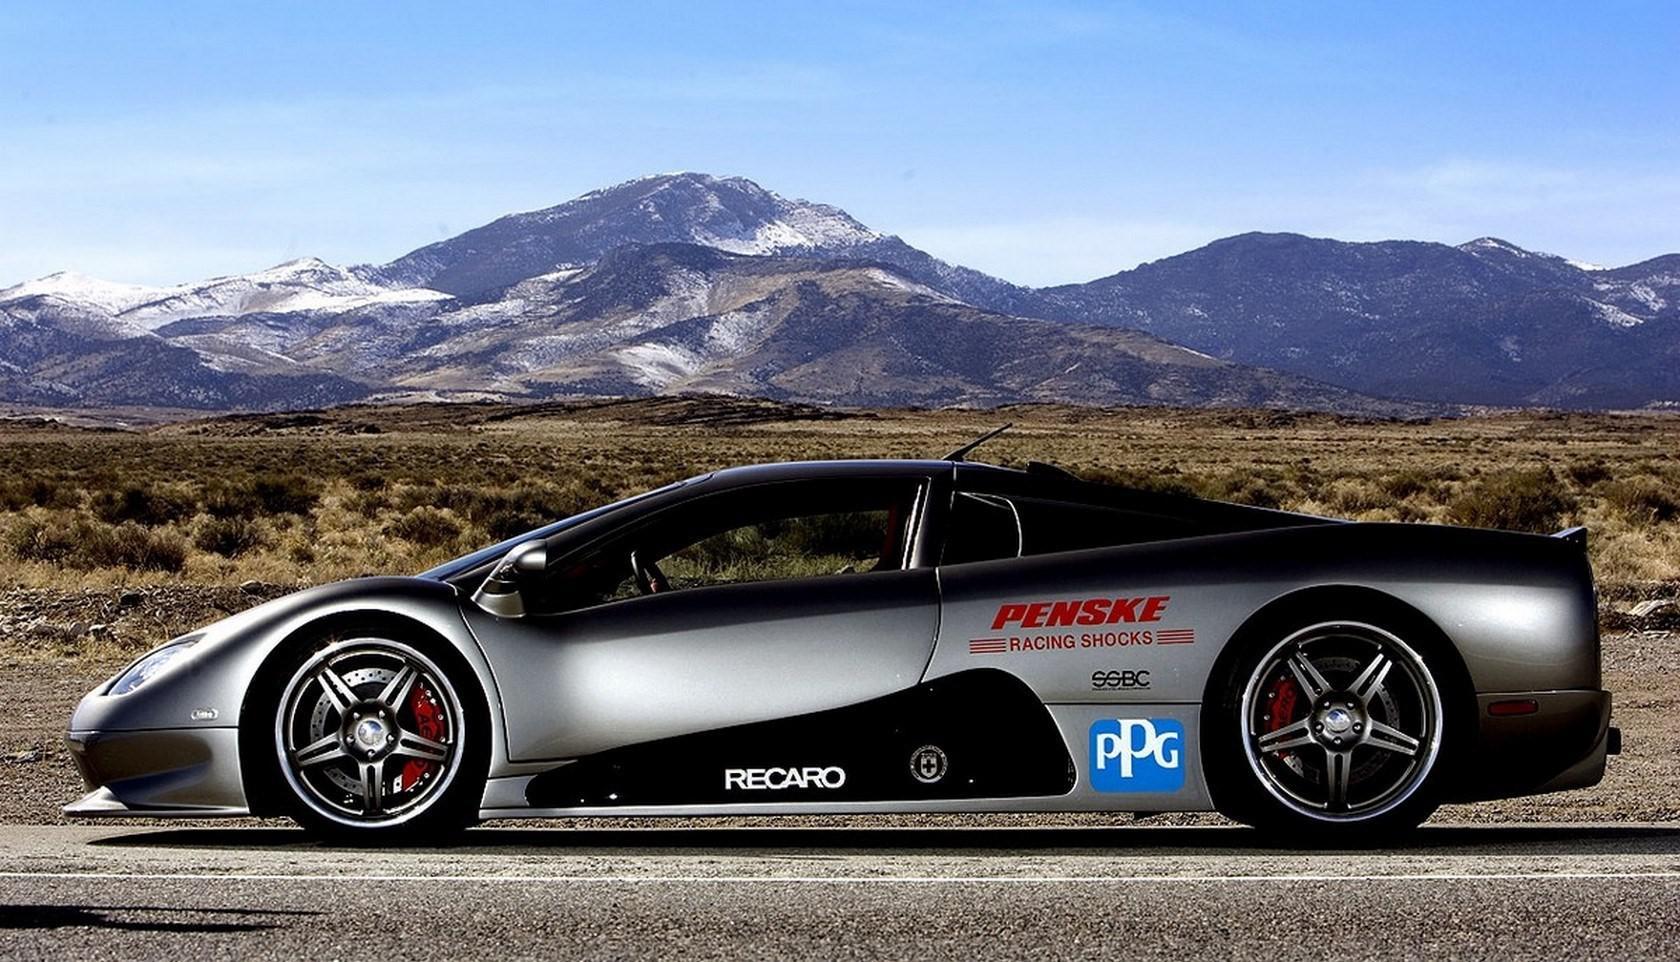 des-voitures-plus-rapides-et-a-la-silhouette-plus-agressive-q-une-formule-1-regardez-ceci-684-3.jpg